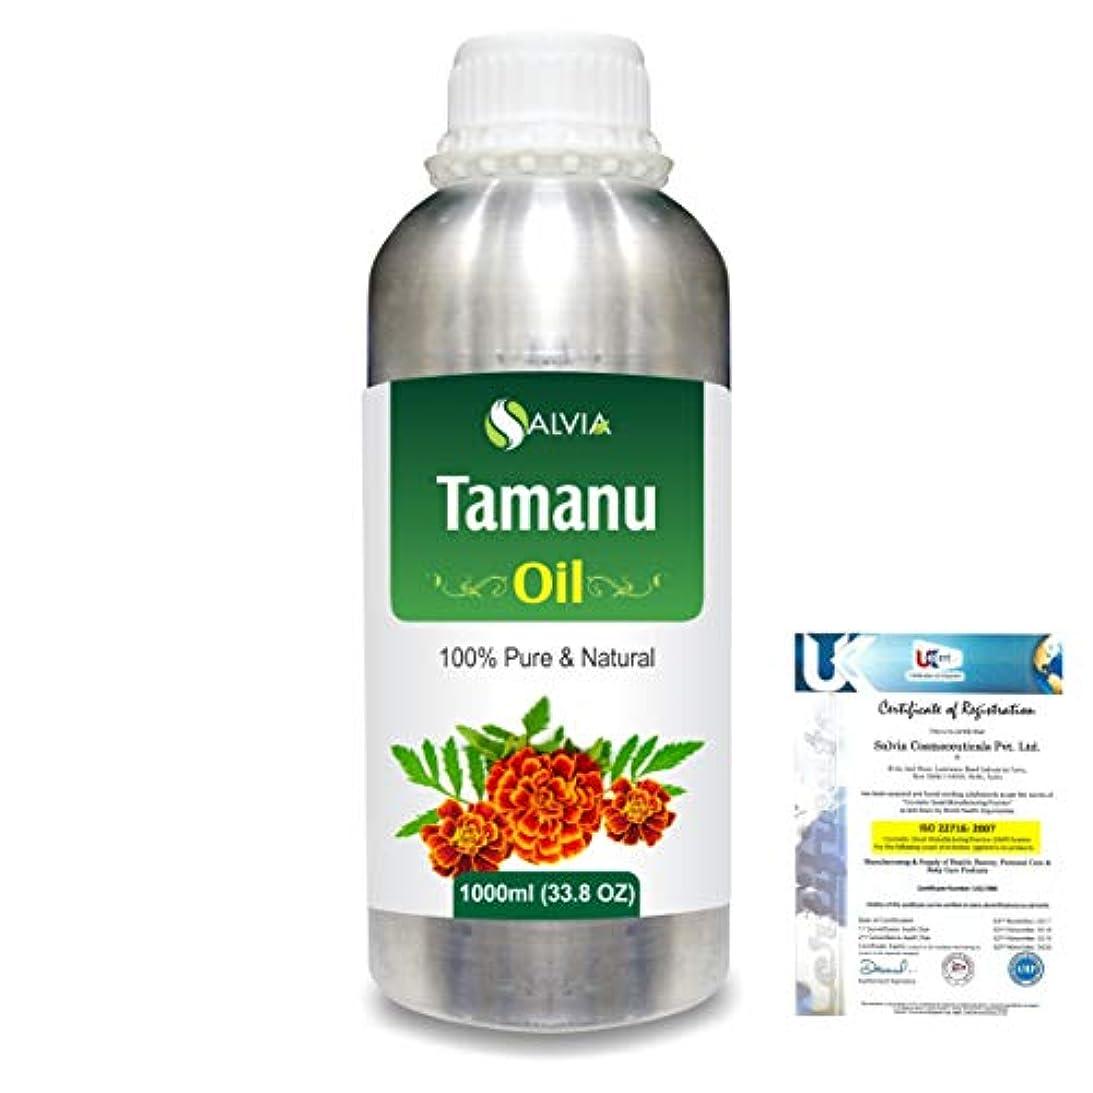 エキサイティング非常に怒っています家主Tamanu (Calophyllum inophyllum) Natural Pure Undiluted Uncut Carrier Oil 1000ml/33.8 fl.oz.